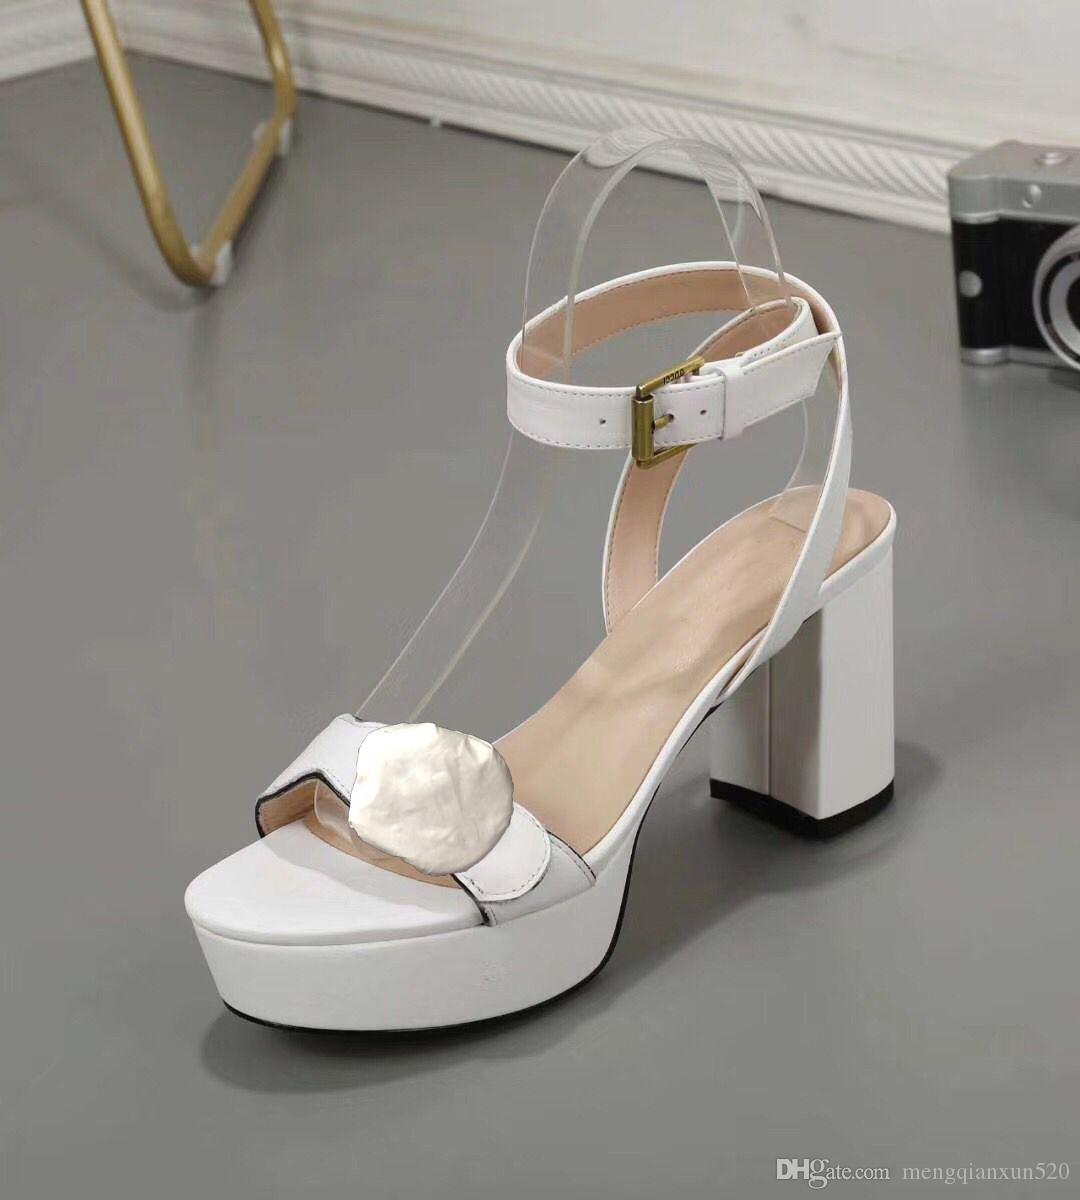 Sandales à talons hauts classiques 100% cuir Beel grossière Chaussures Chaussures Métal Boucle Parties 8cm High High Talons Ceinture Boucle Sexy Sandales Sexy Dame 34-41-42